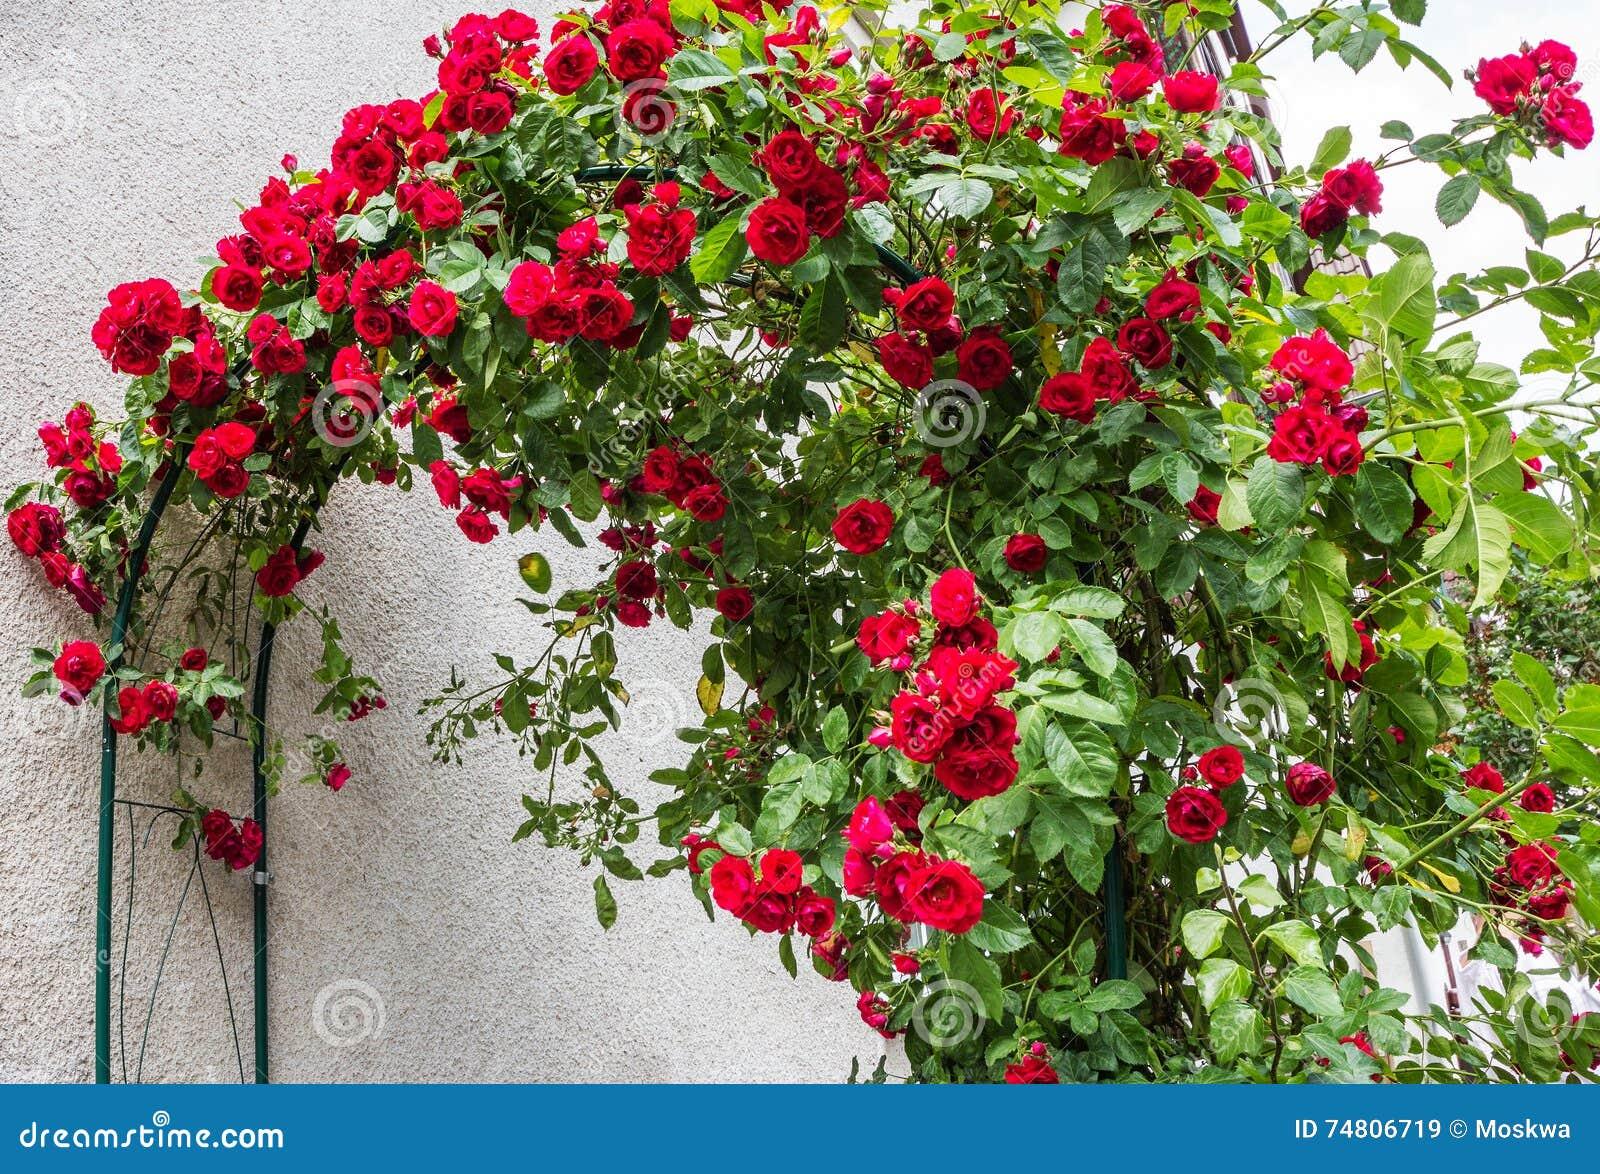 Piante Di Rose Rampicanti rose rampicanti rosse immagine stock. immagine di pianta